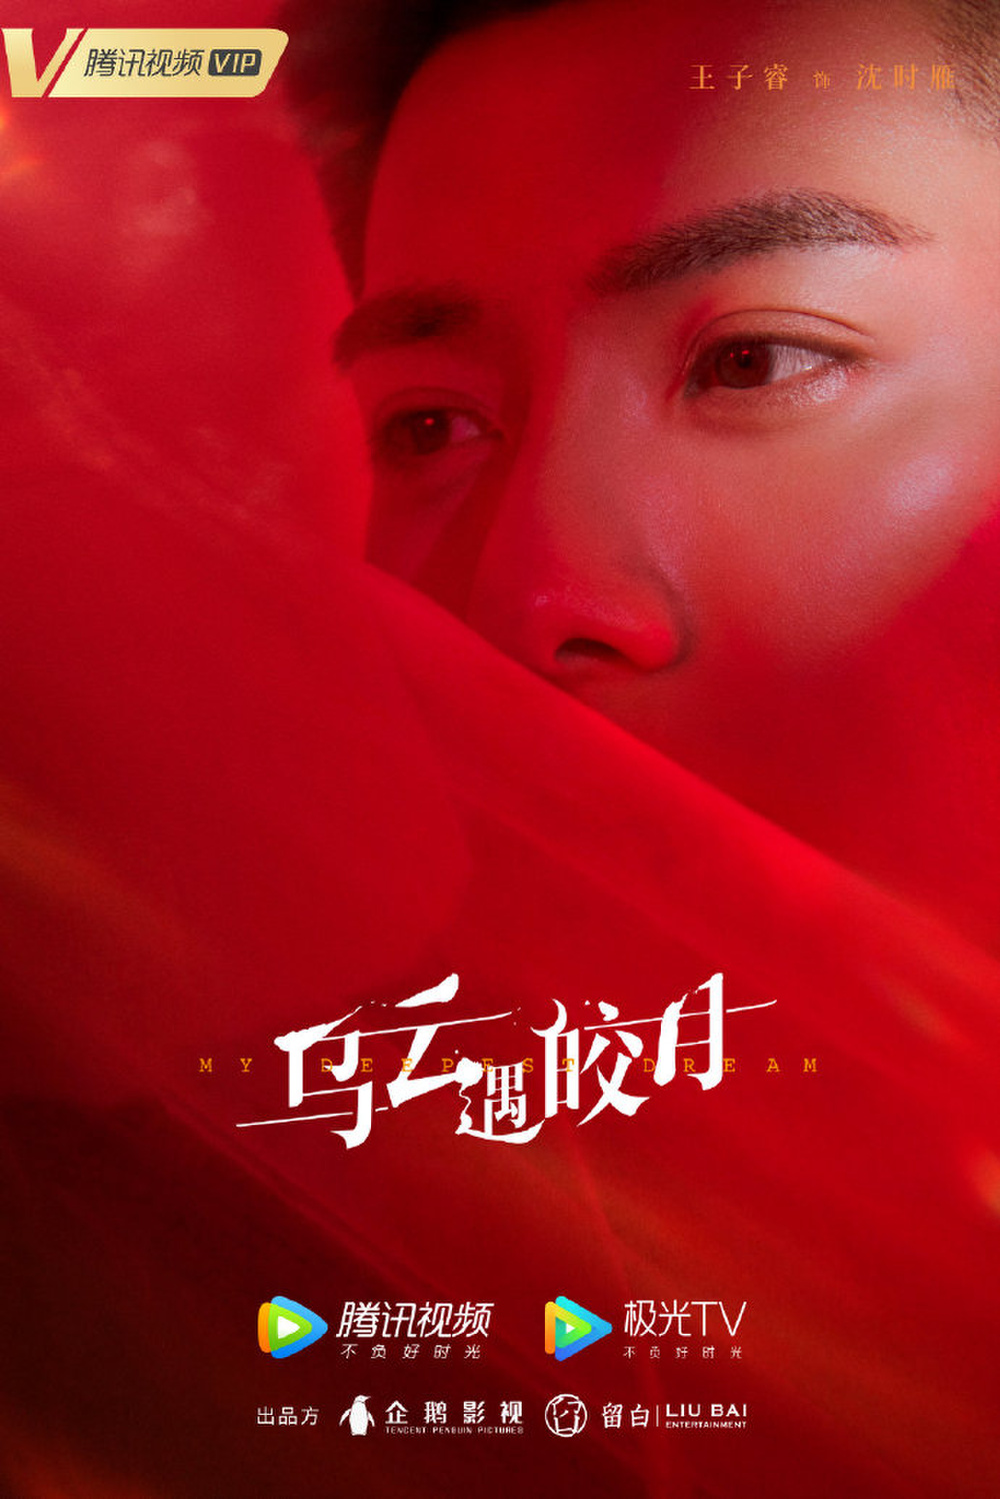 'Mây đen gặp trăng sáng' giới thiệu dàn diễn viên chính qua poster nhân vật đẹp mê li Ảnh 11